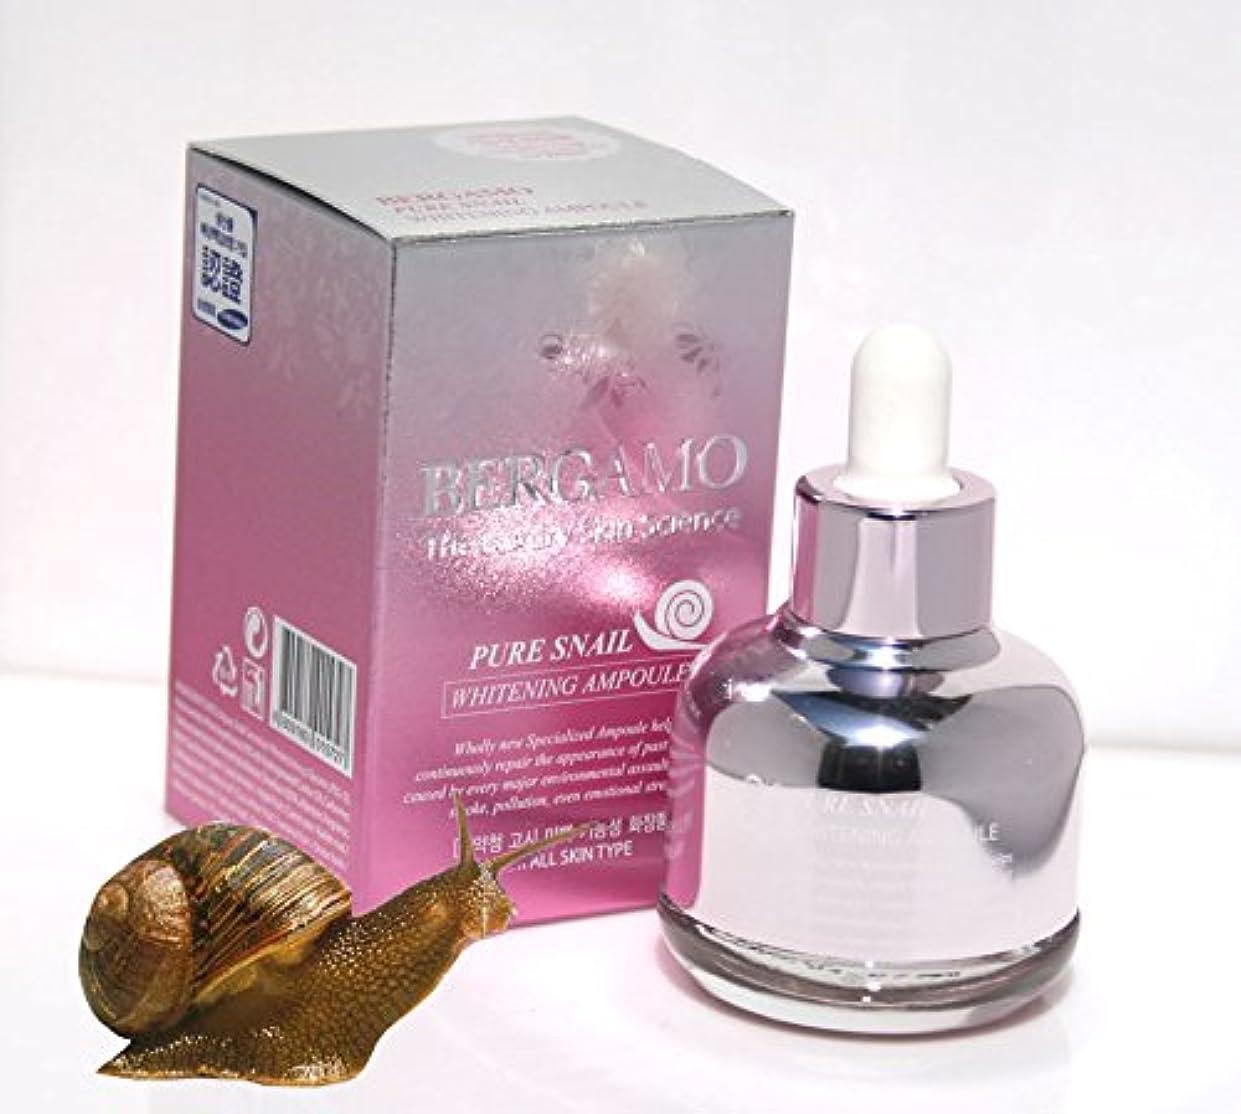 くつろぎ丈夫レーダー【ベルガモ][Bergamo] 高級スキン科学は純粋なカタツムリホワイトニングアンプル30ml / the Luxury Skin Science Pure Snail Whitening Ampoule 30ml /...